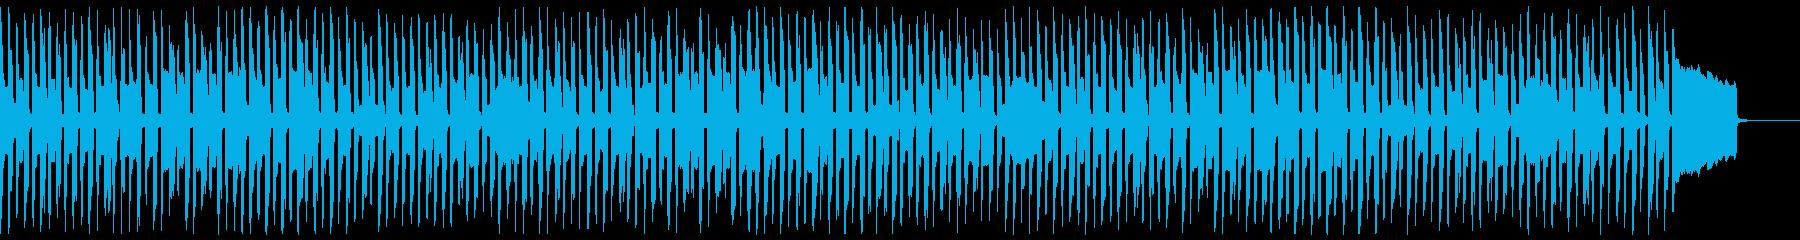 呼び込み君っぽい曲の再生済みの波形